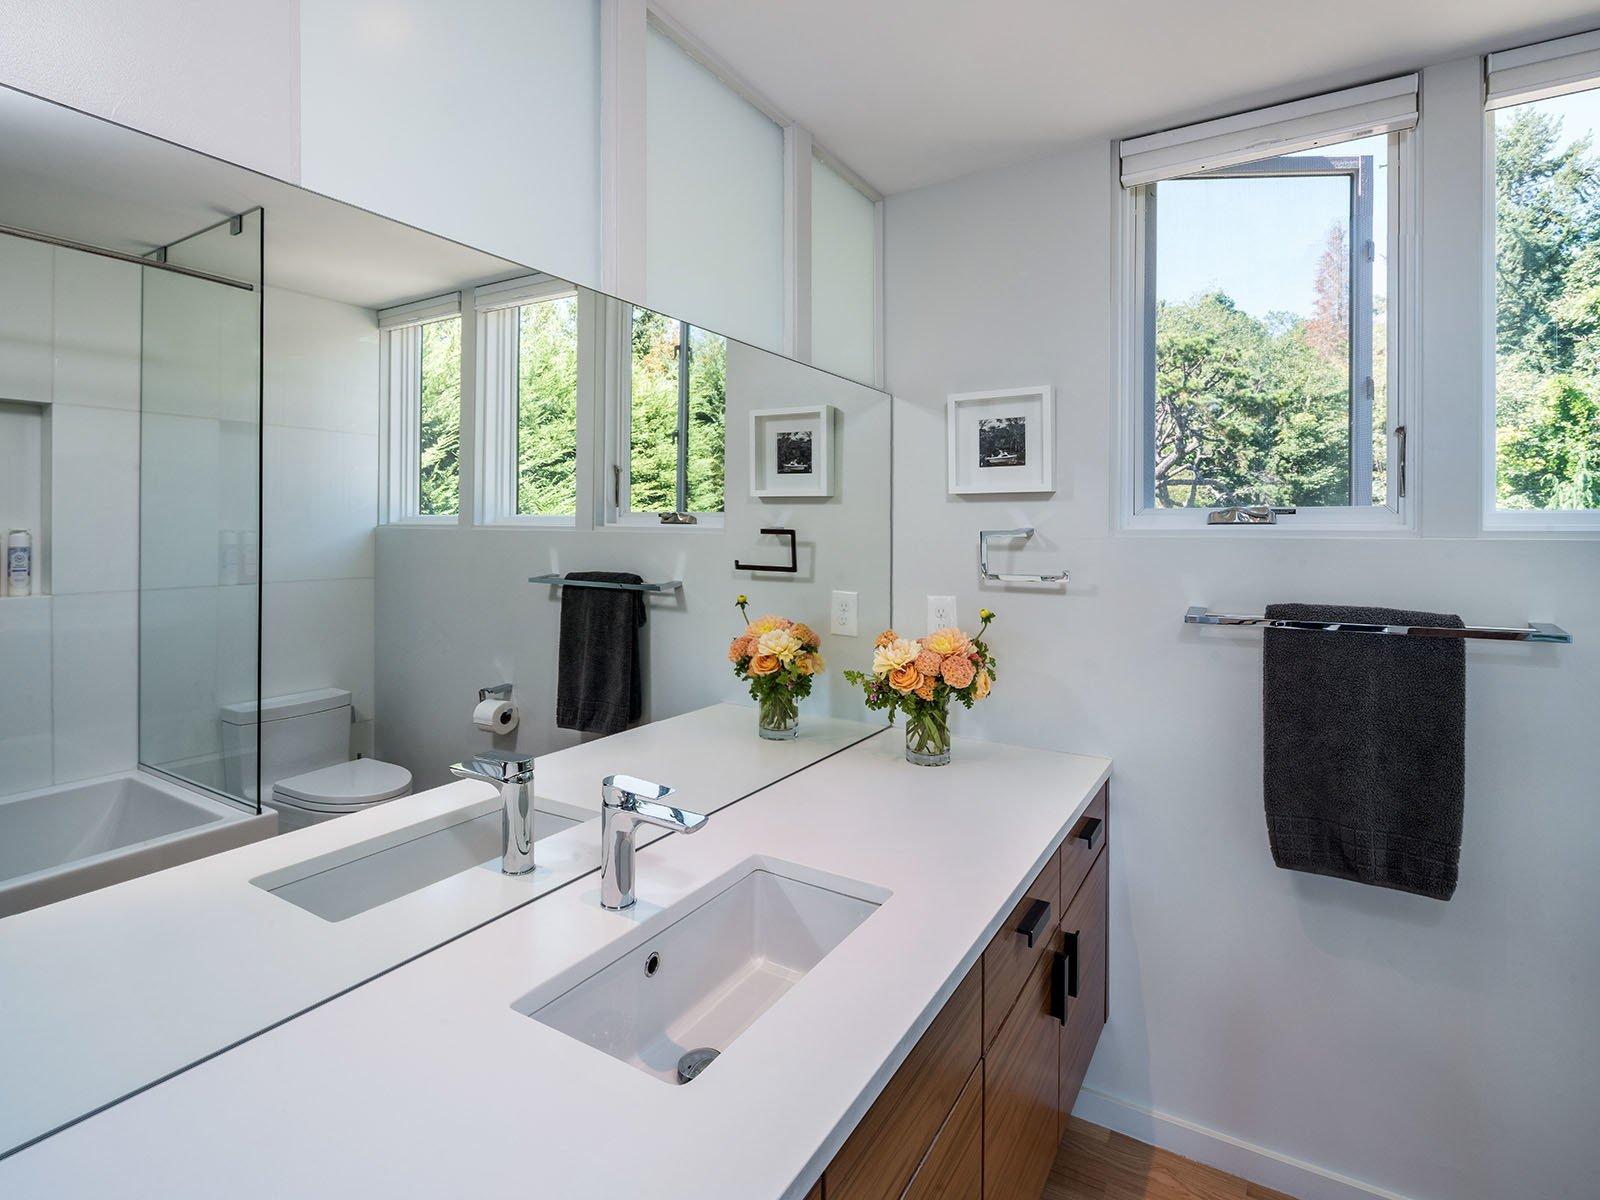 Sinclair House bathroom